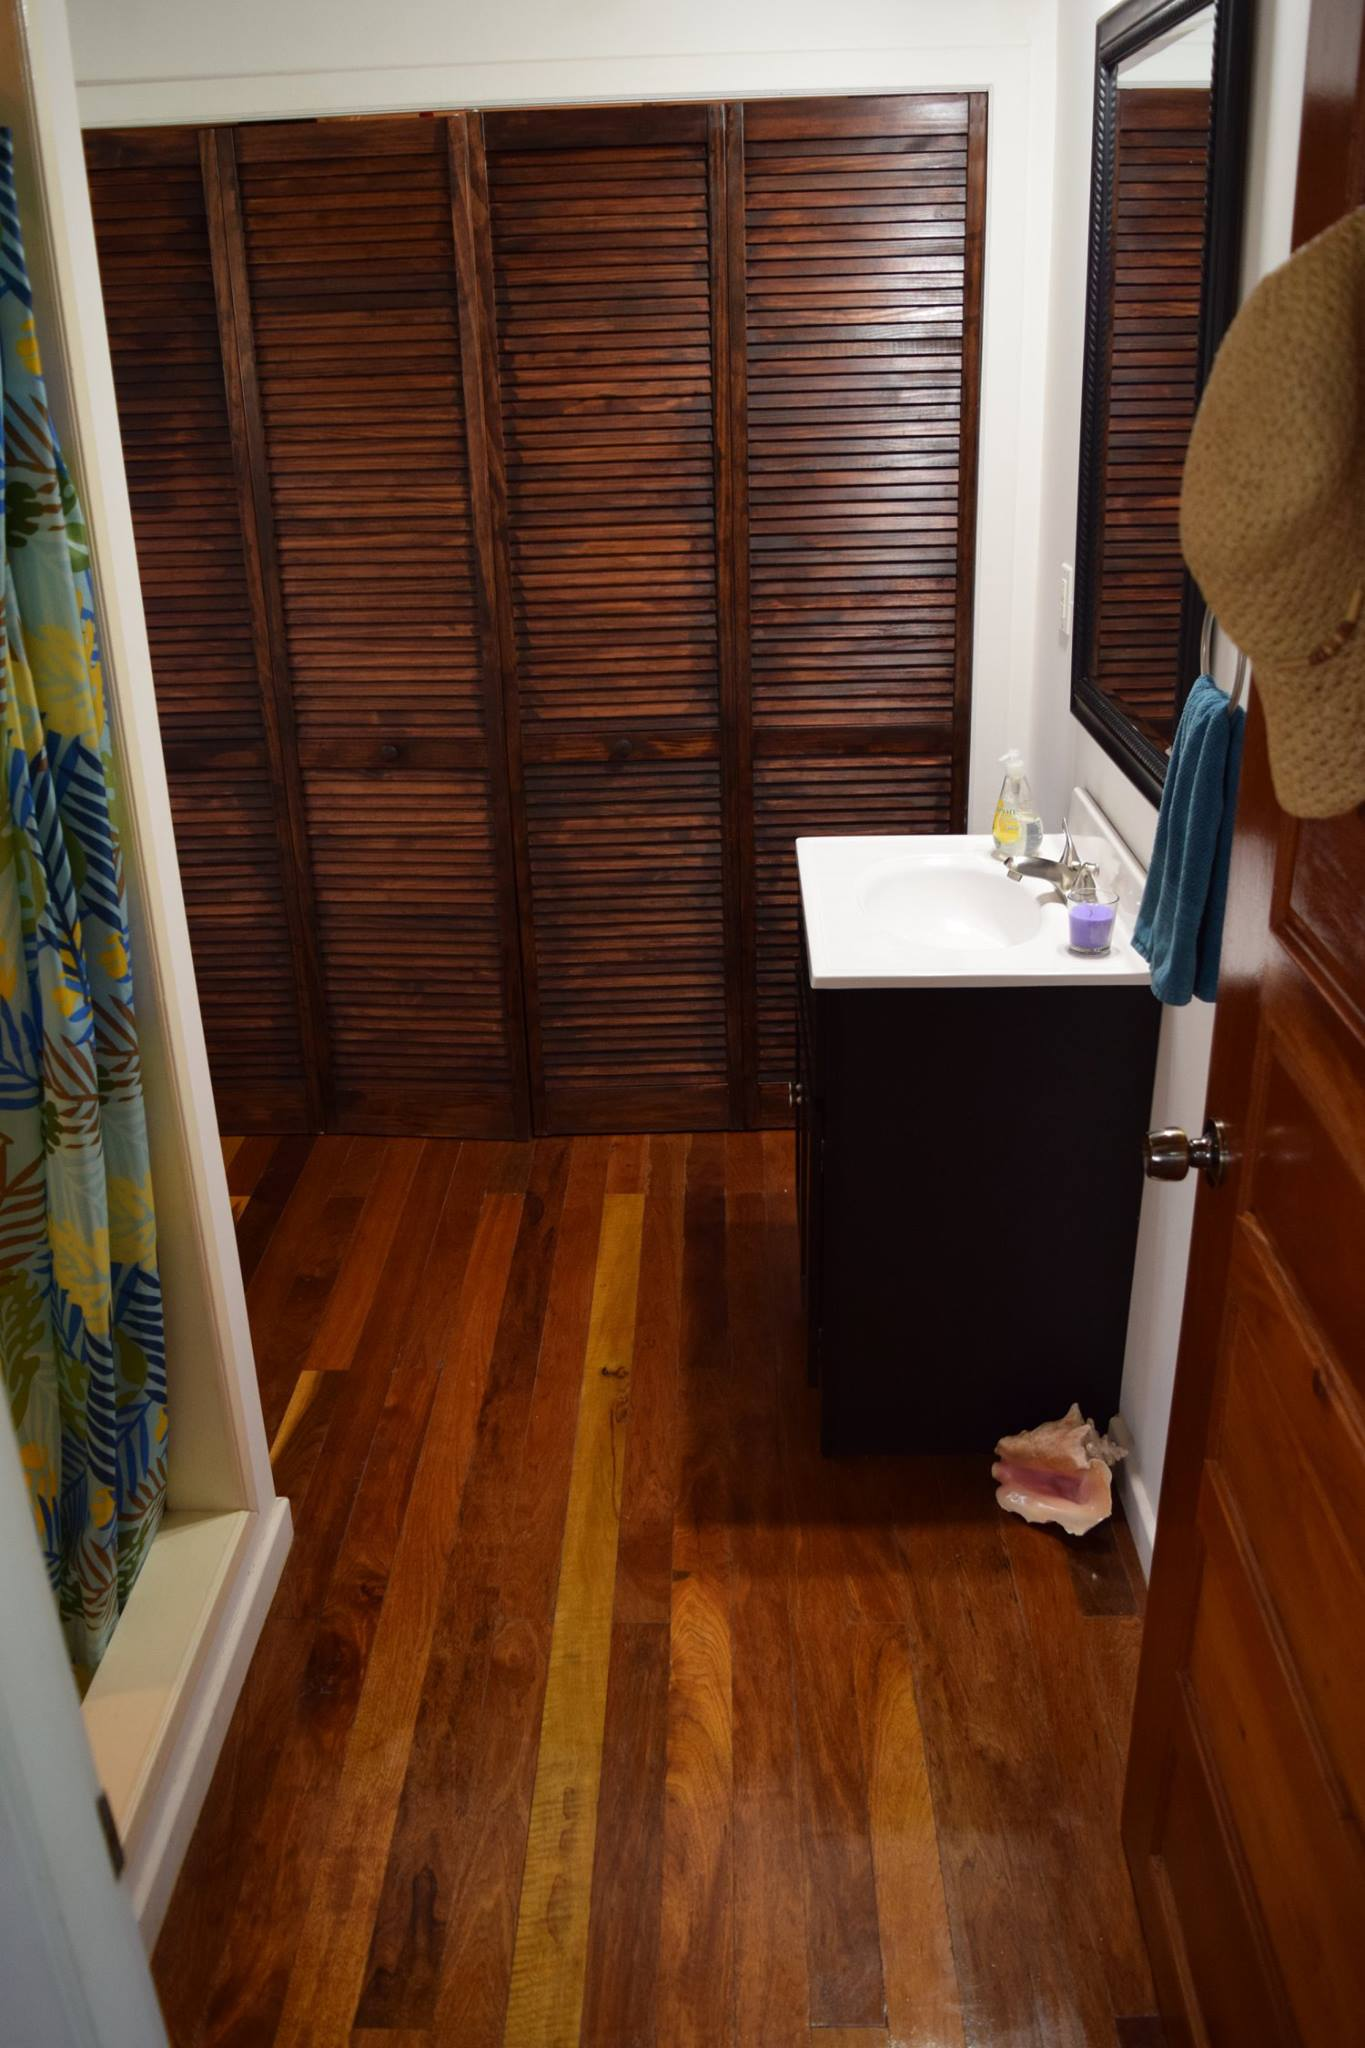 2 Bedroom, 2 Bathroom Wooden House